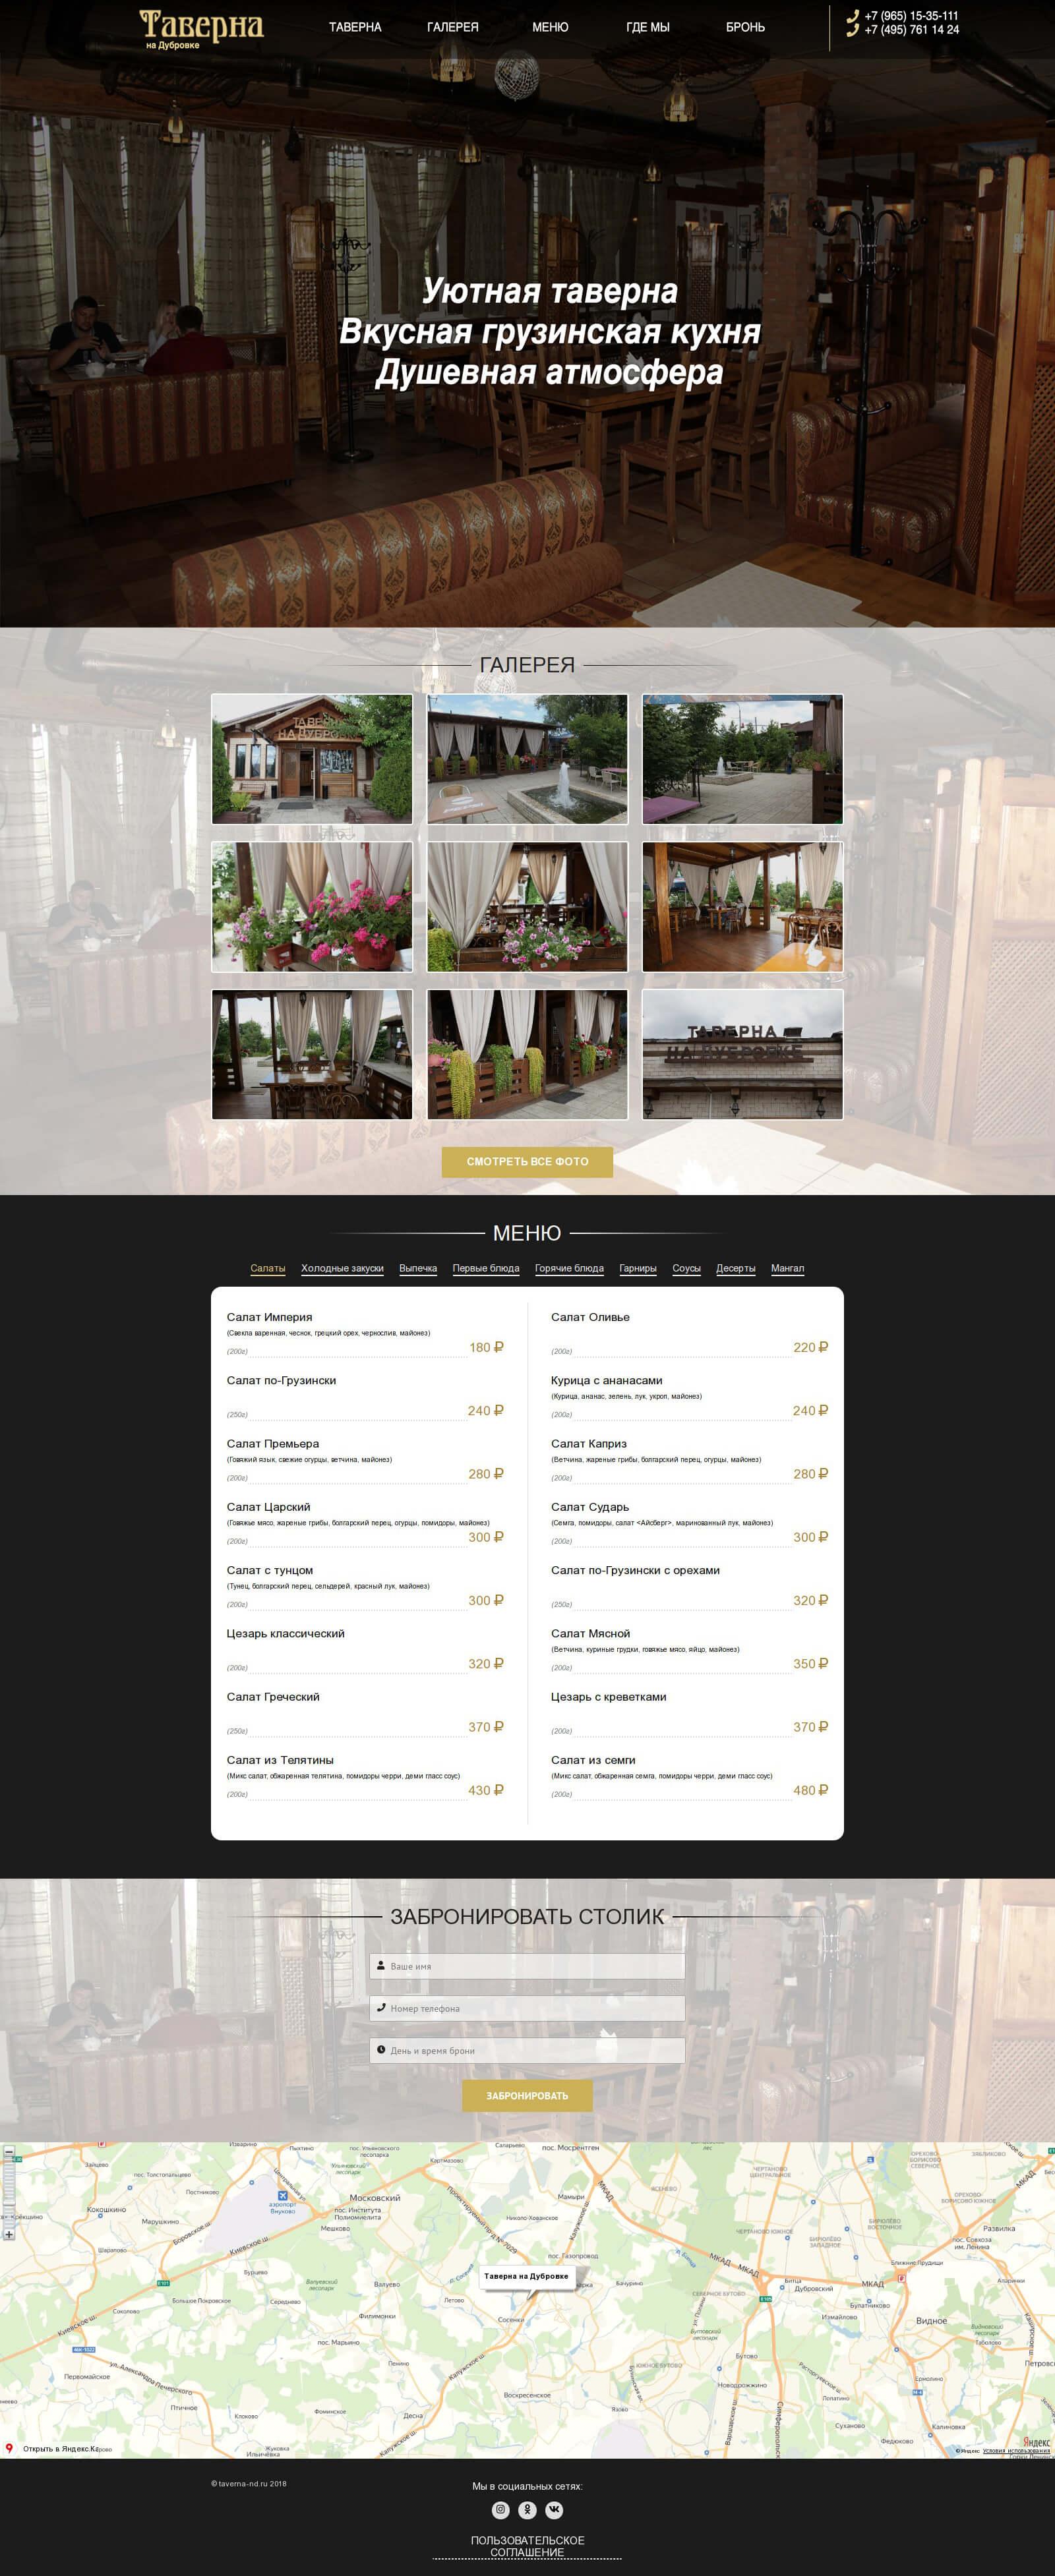 Создание сайта для ресторана Таверна на дубровке